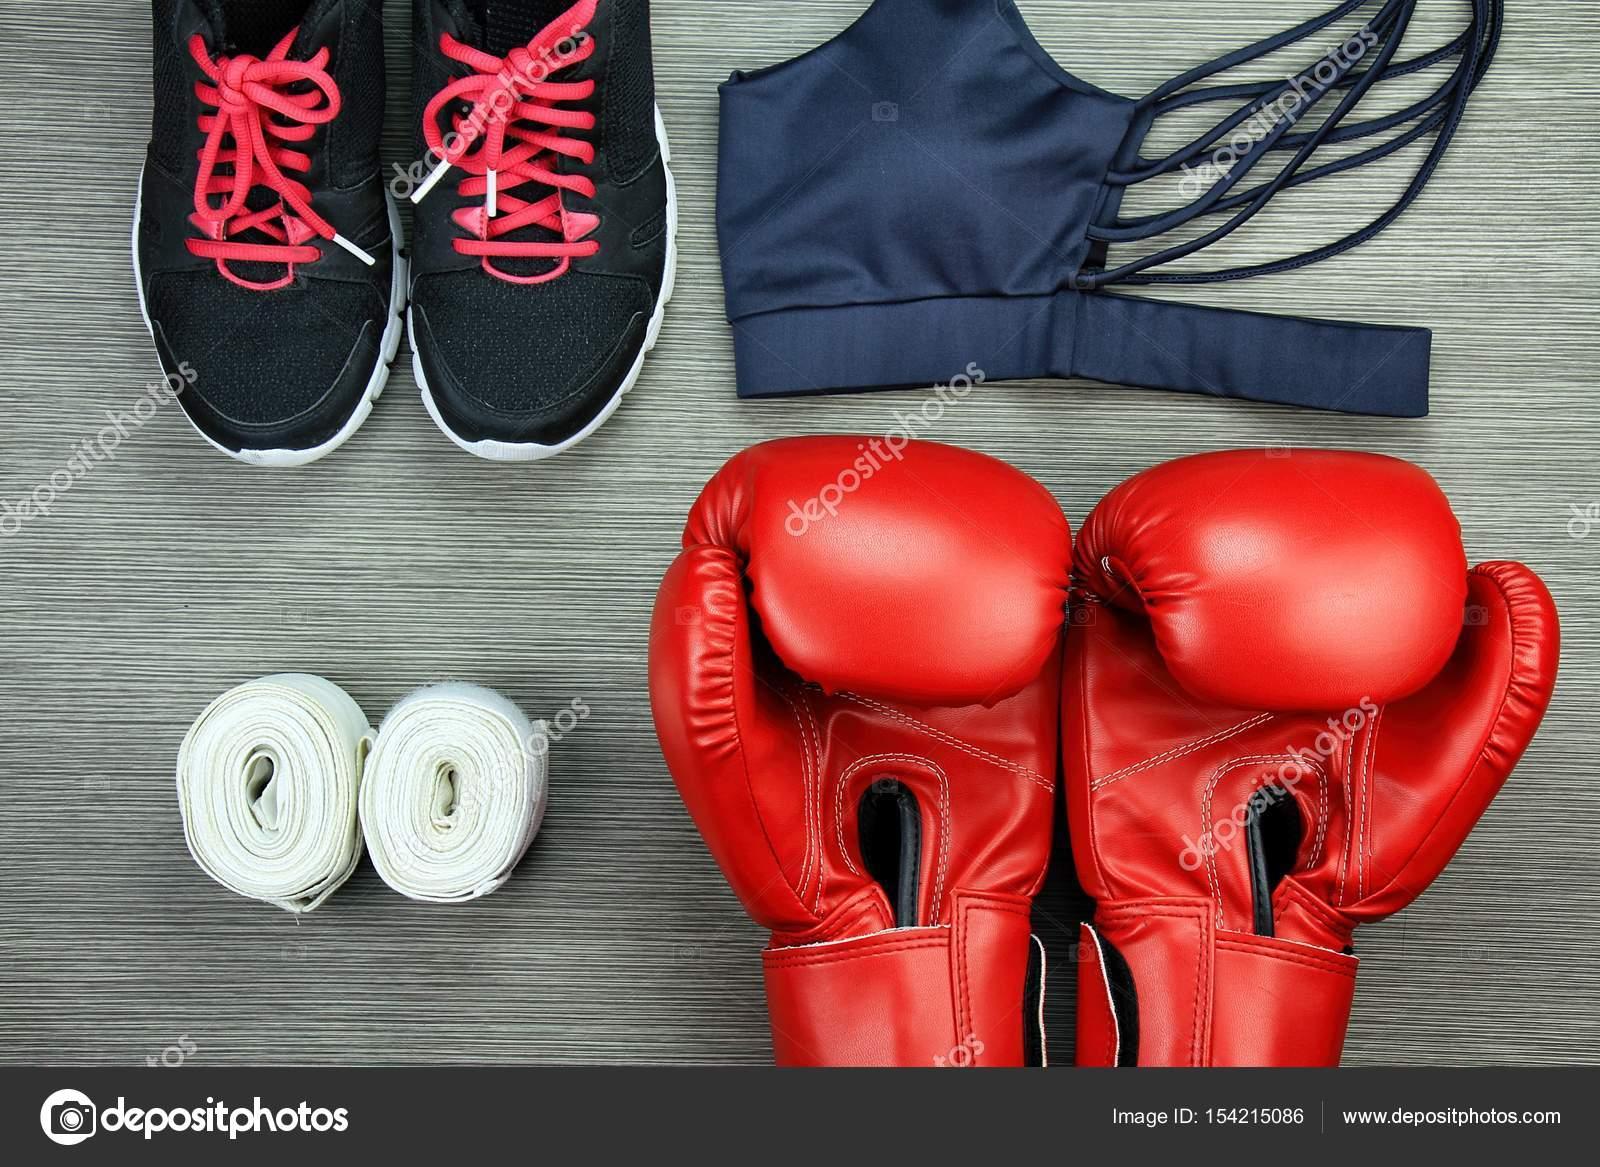 e34a1237b Conjunto de desgaste do esporte para o boxe exercício treinamento e  acessórios